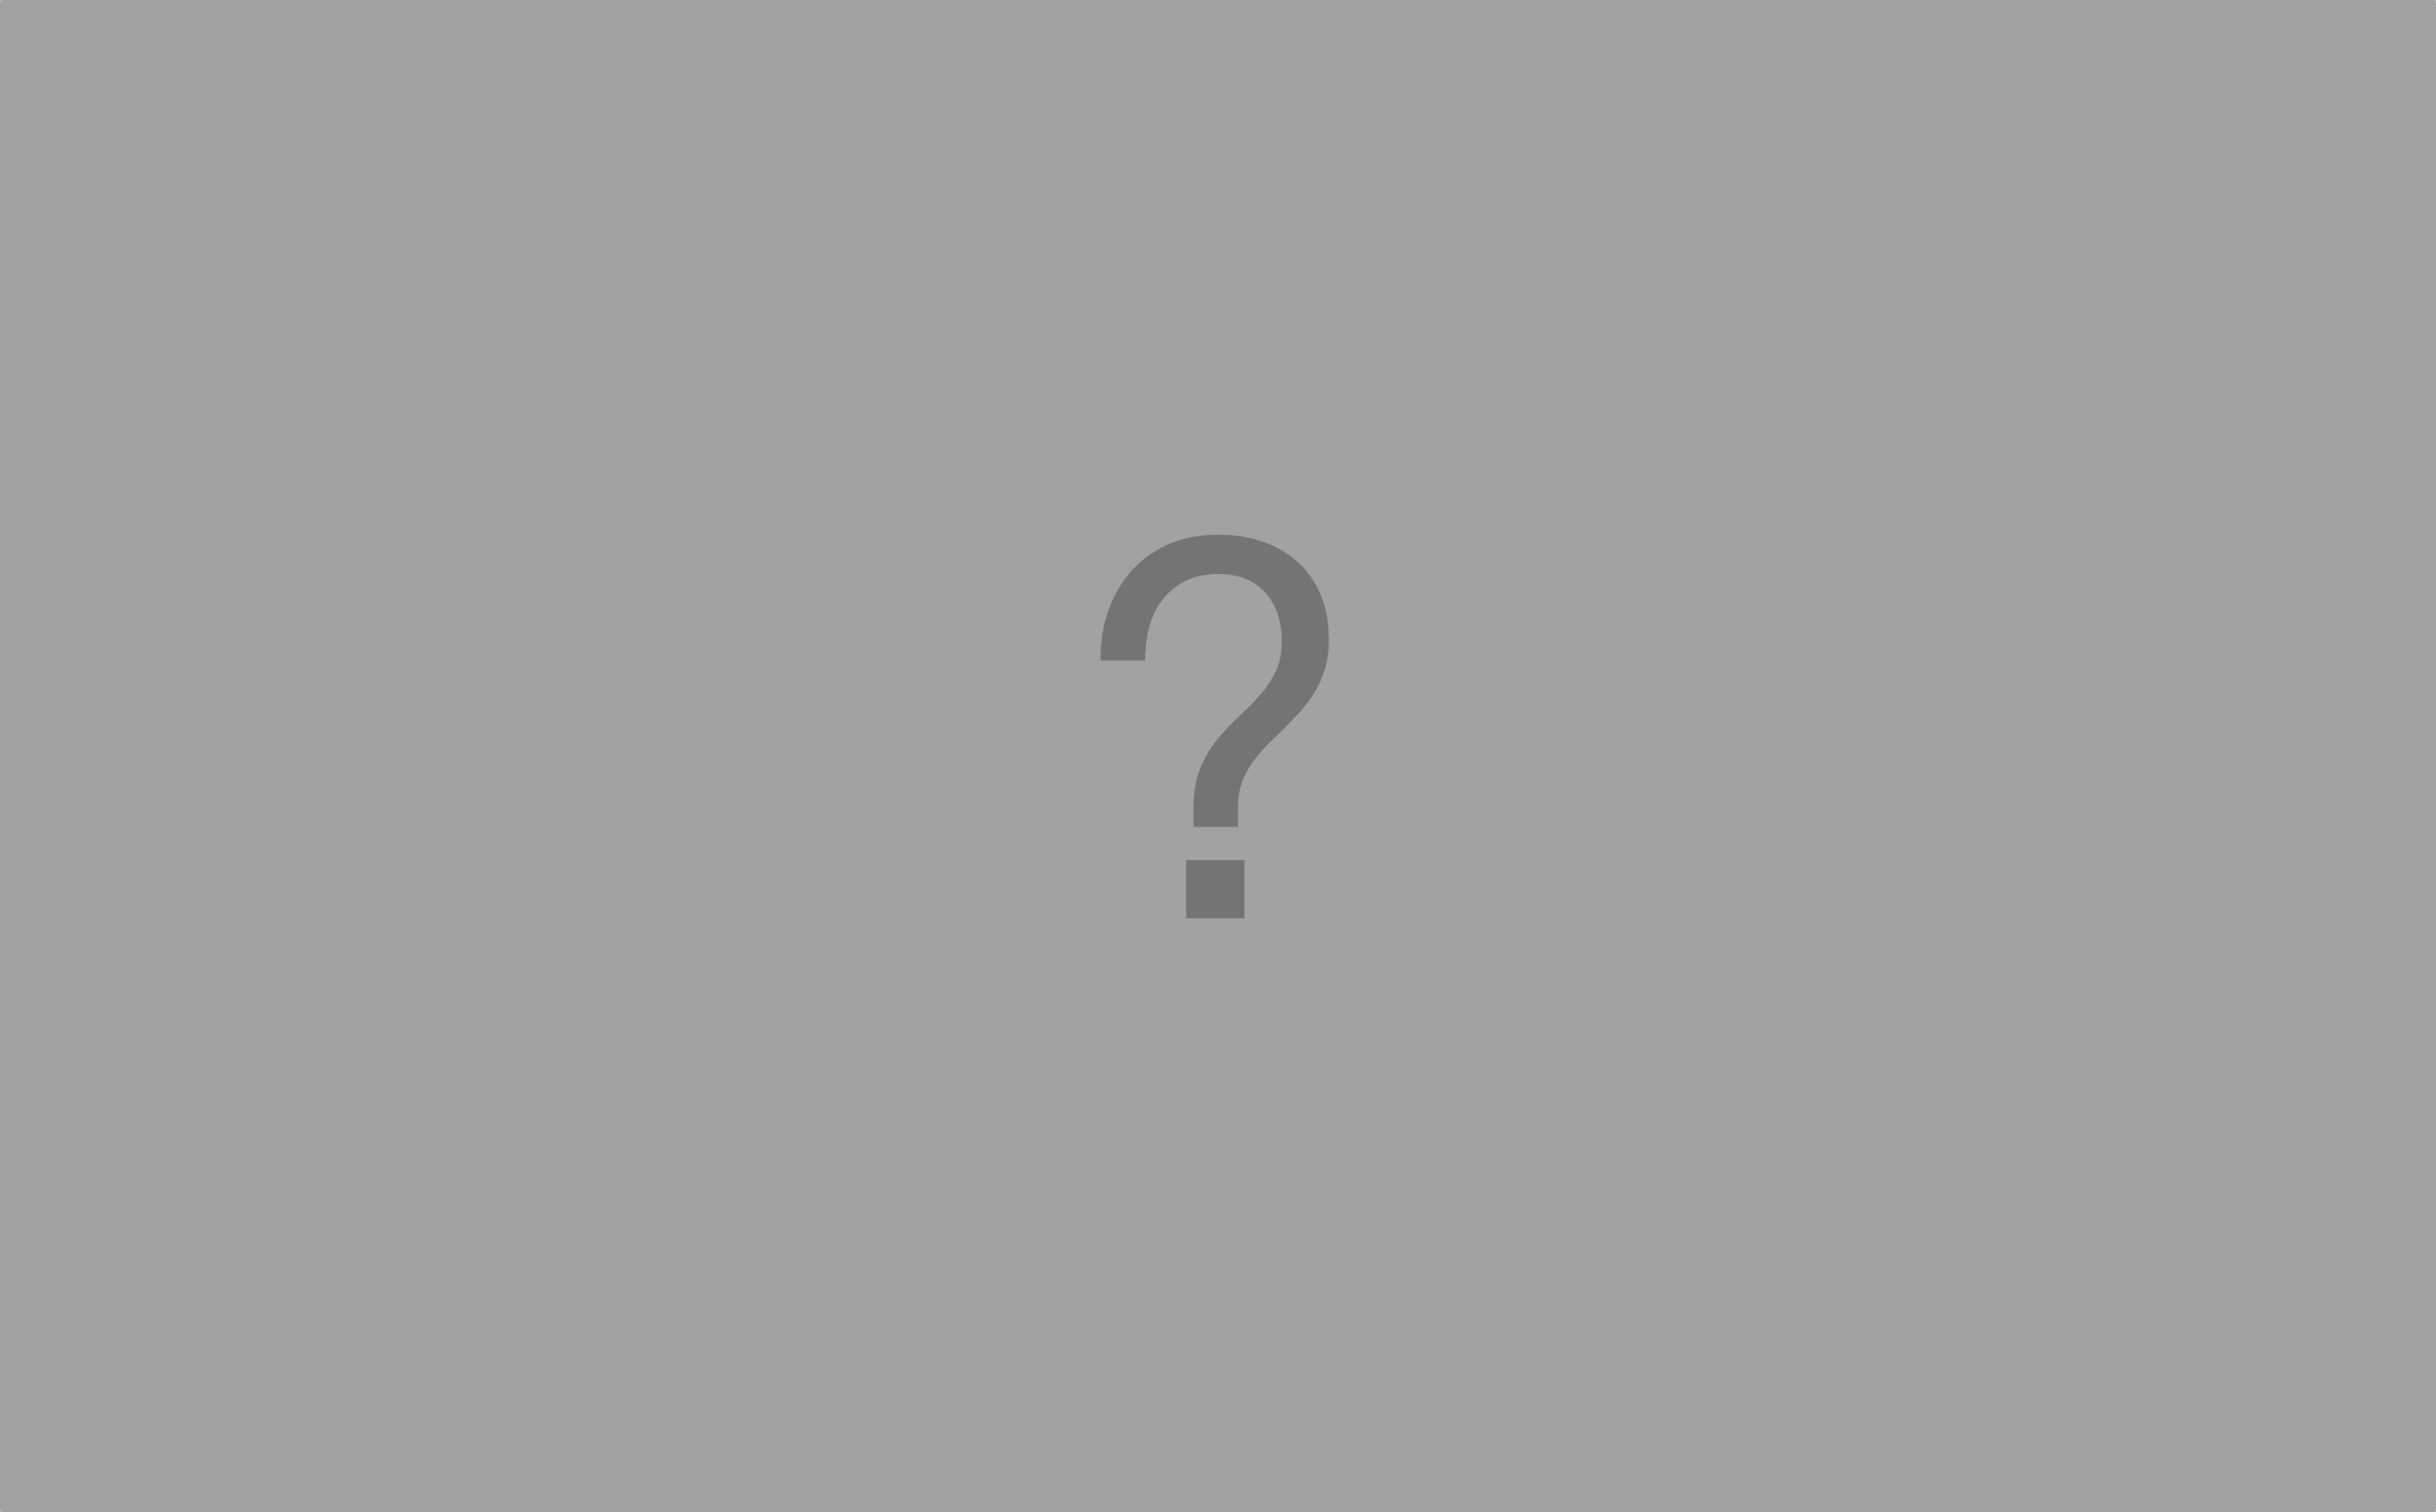 iPhone 12 Konzept mit iPhone SE Design, ProMotion, Quad-Cam: Wie findet ihr das?